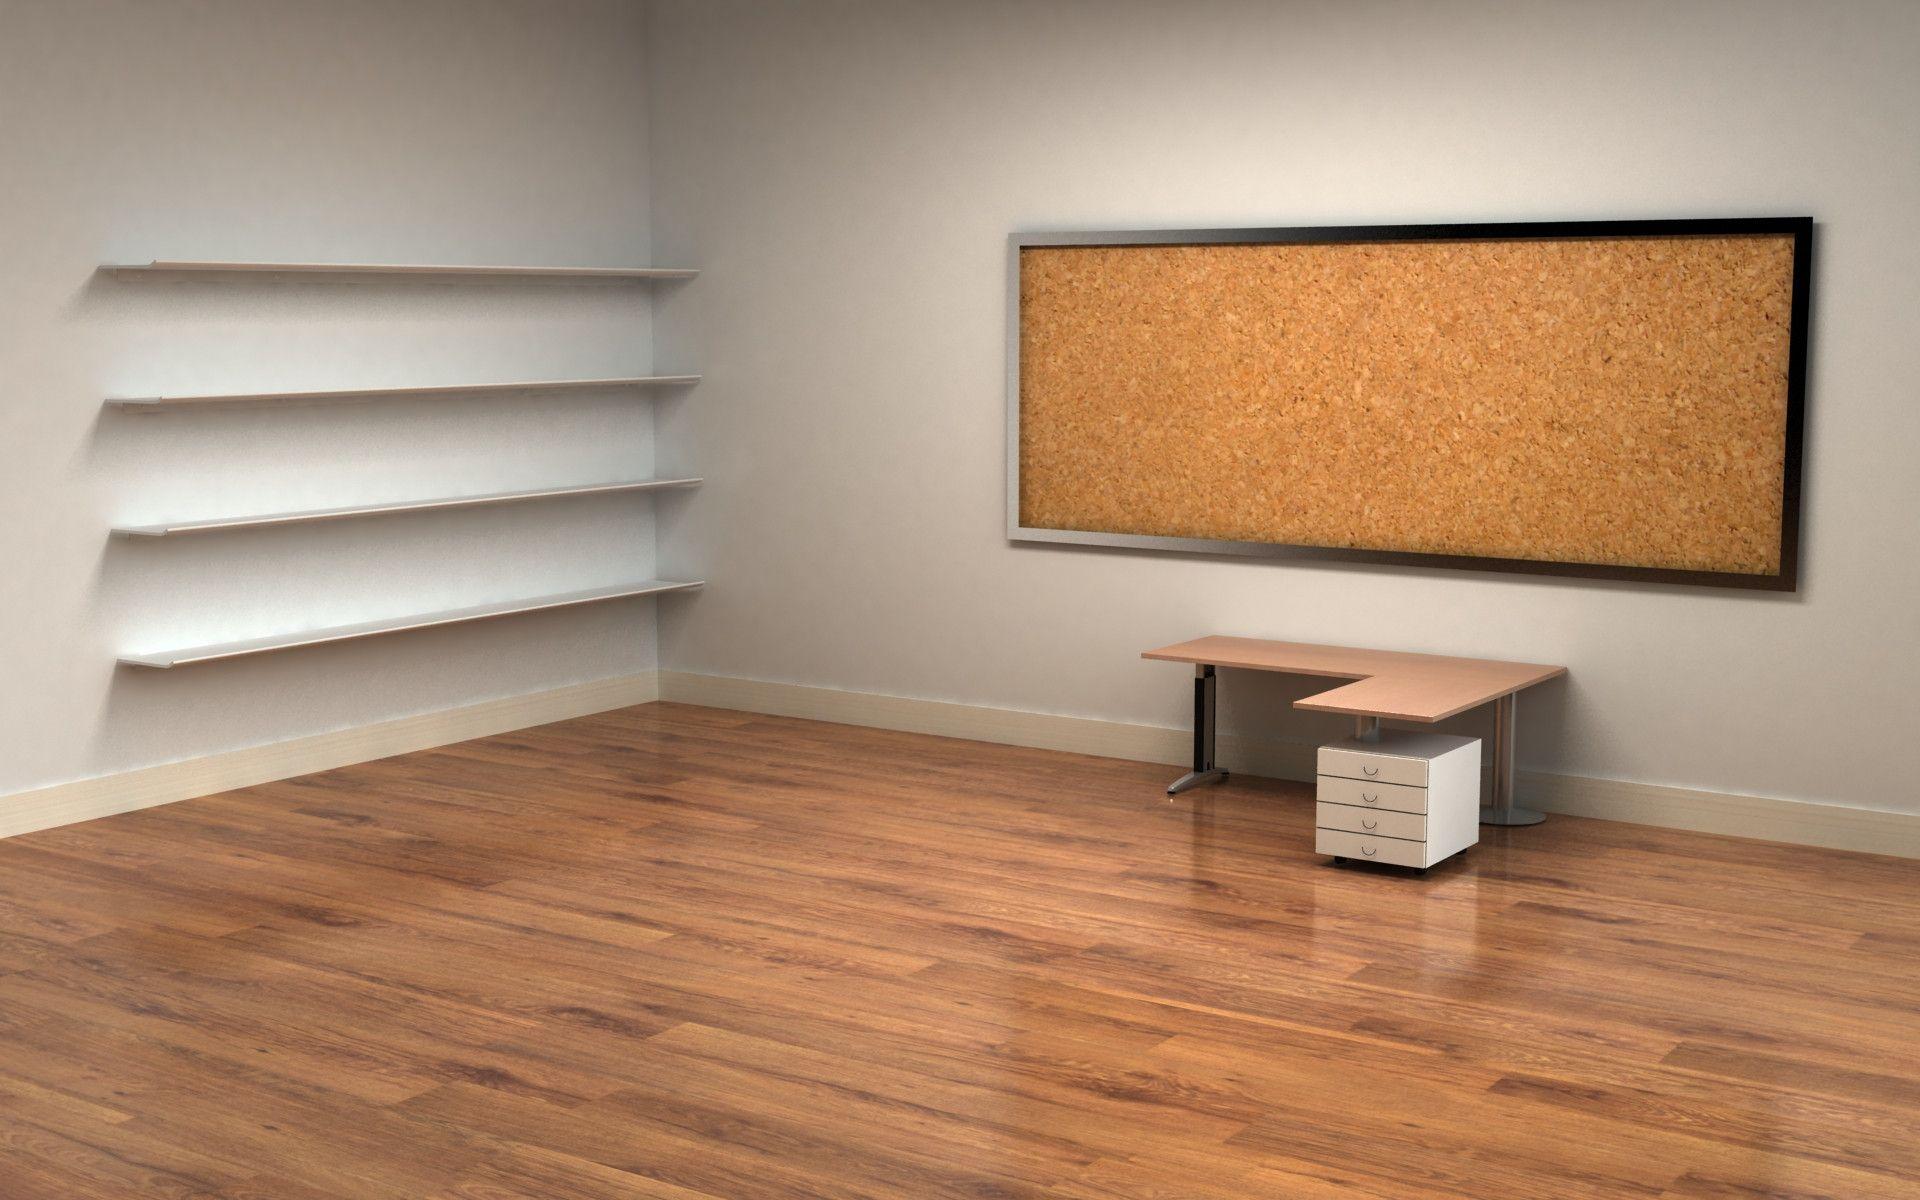 1920x1200 Empty office wallpaper 276032 Desktop